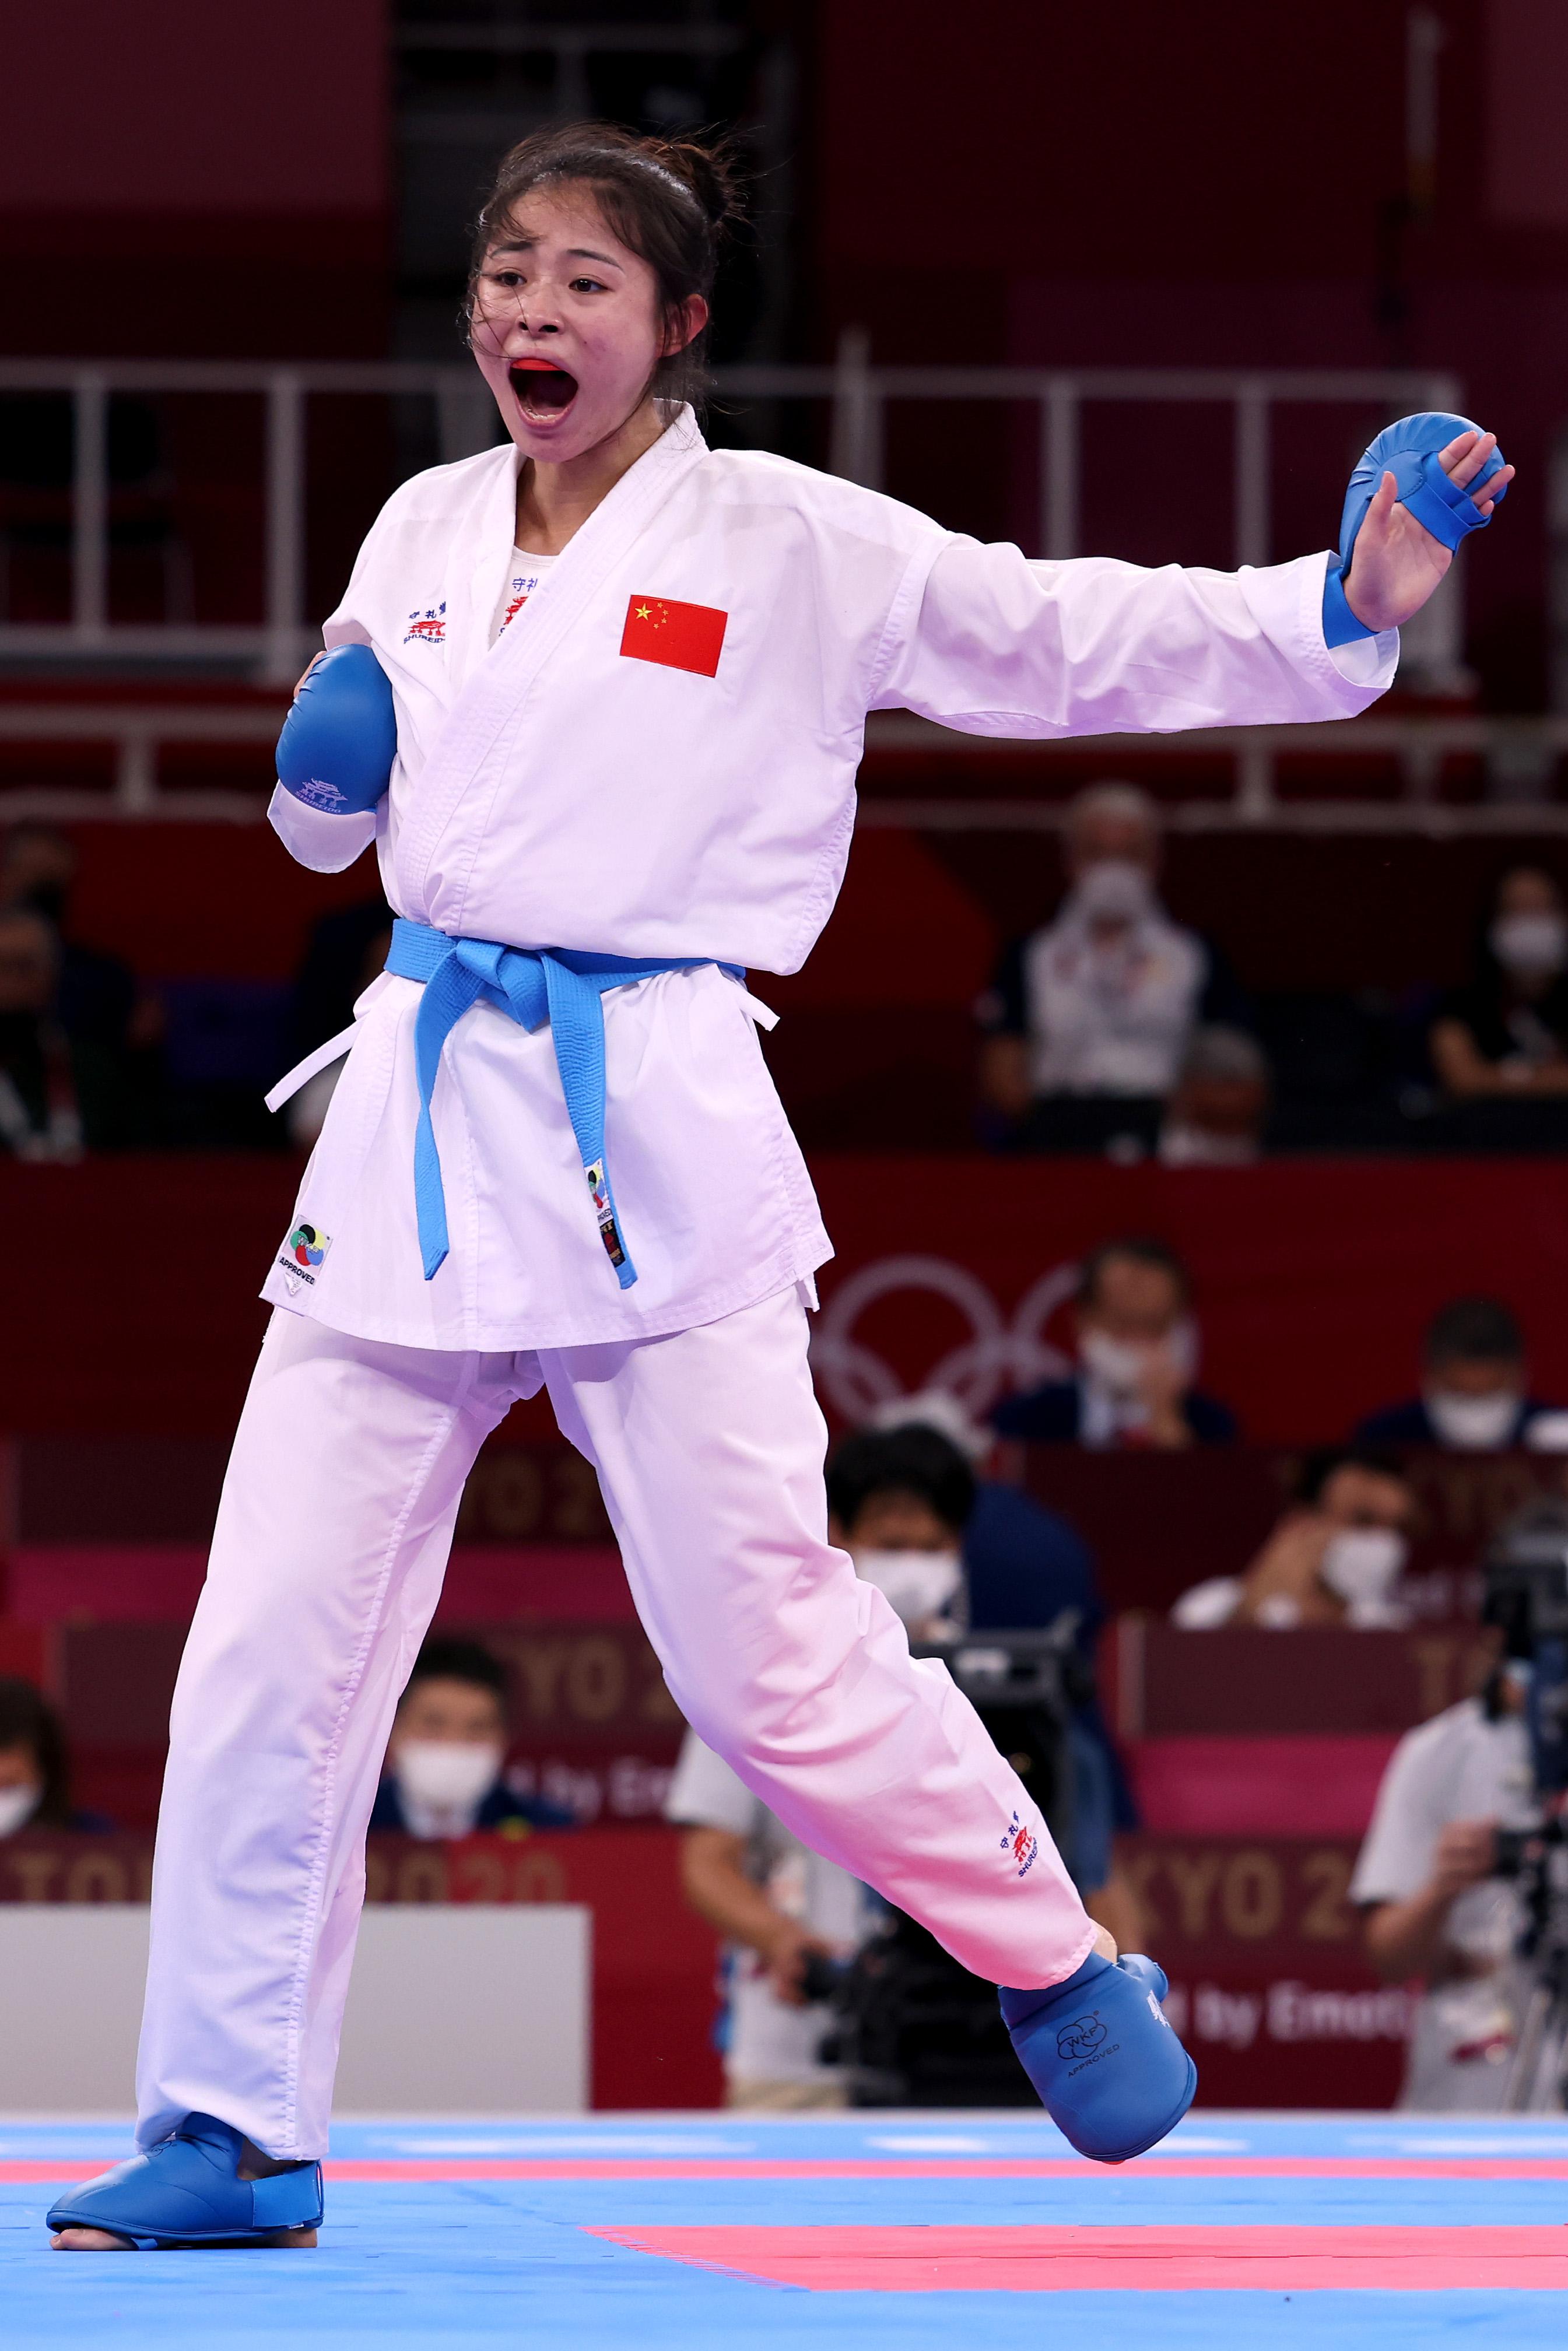 这个女神很能打!龚莉拿下女子空手道61公斤以上级铜牌